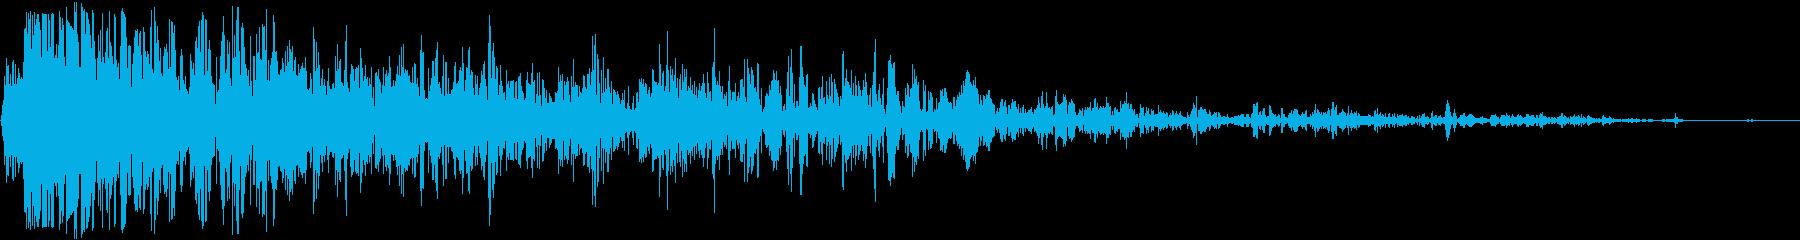 パワフルなロックシャッターヒットの再生済みの波形